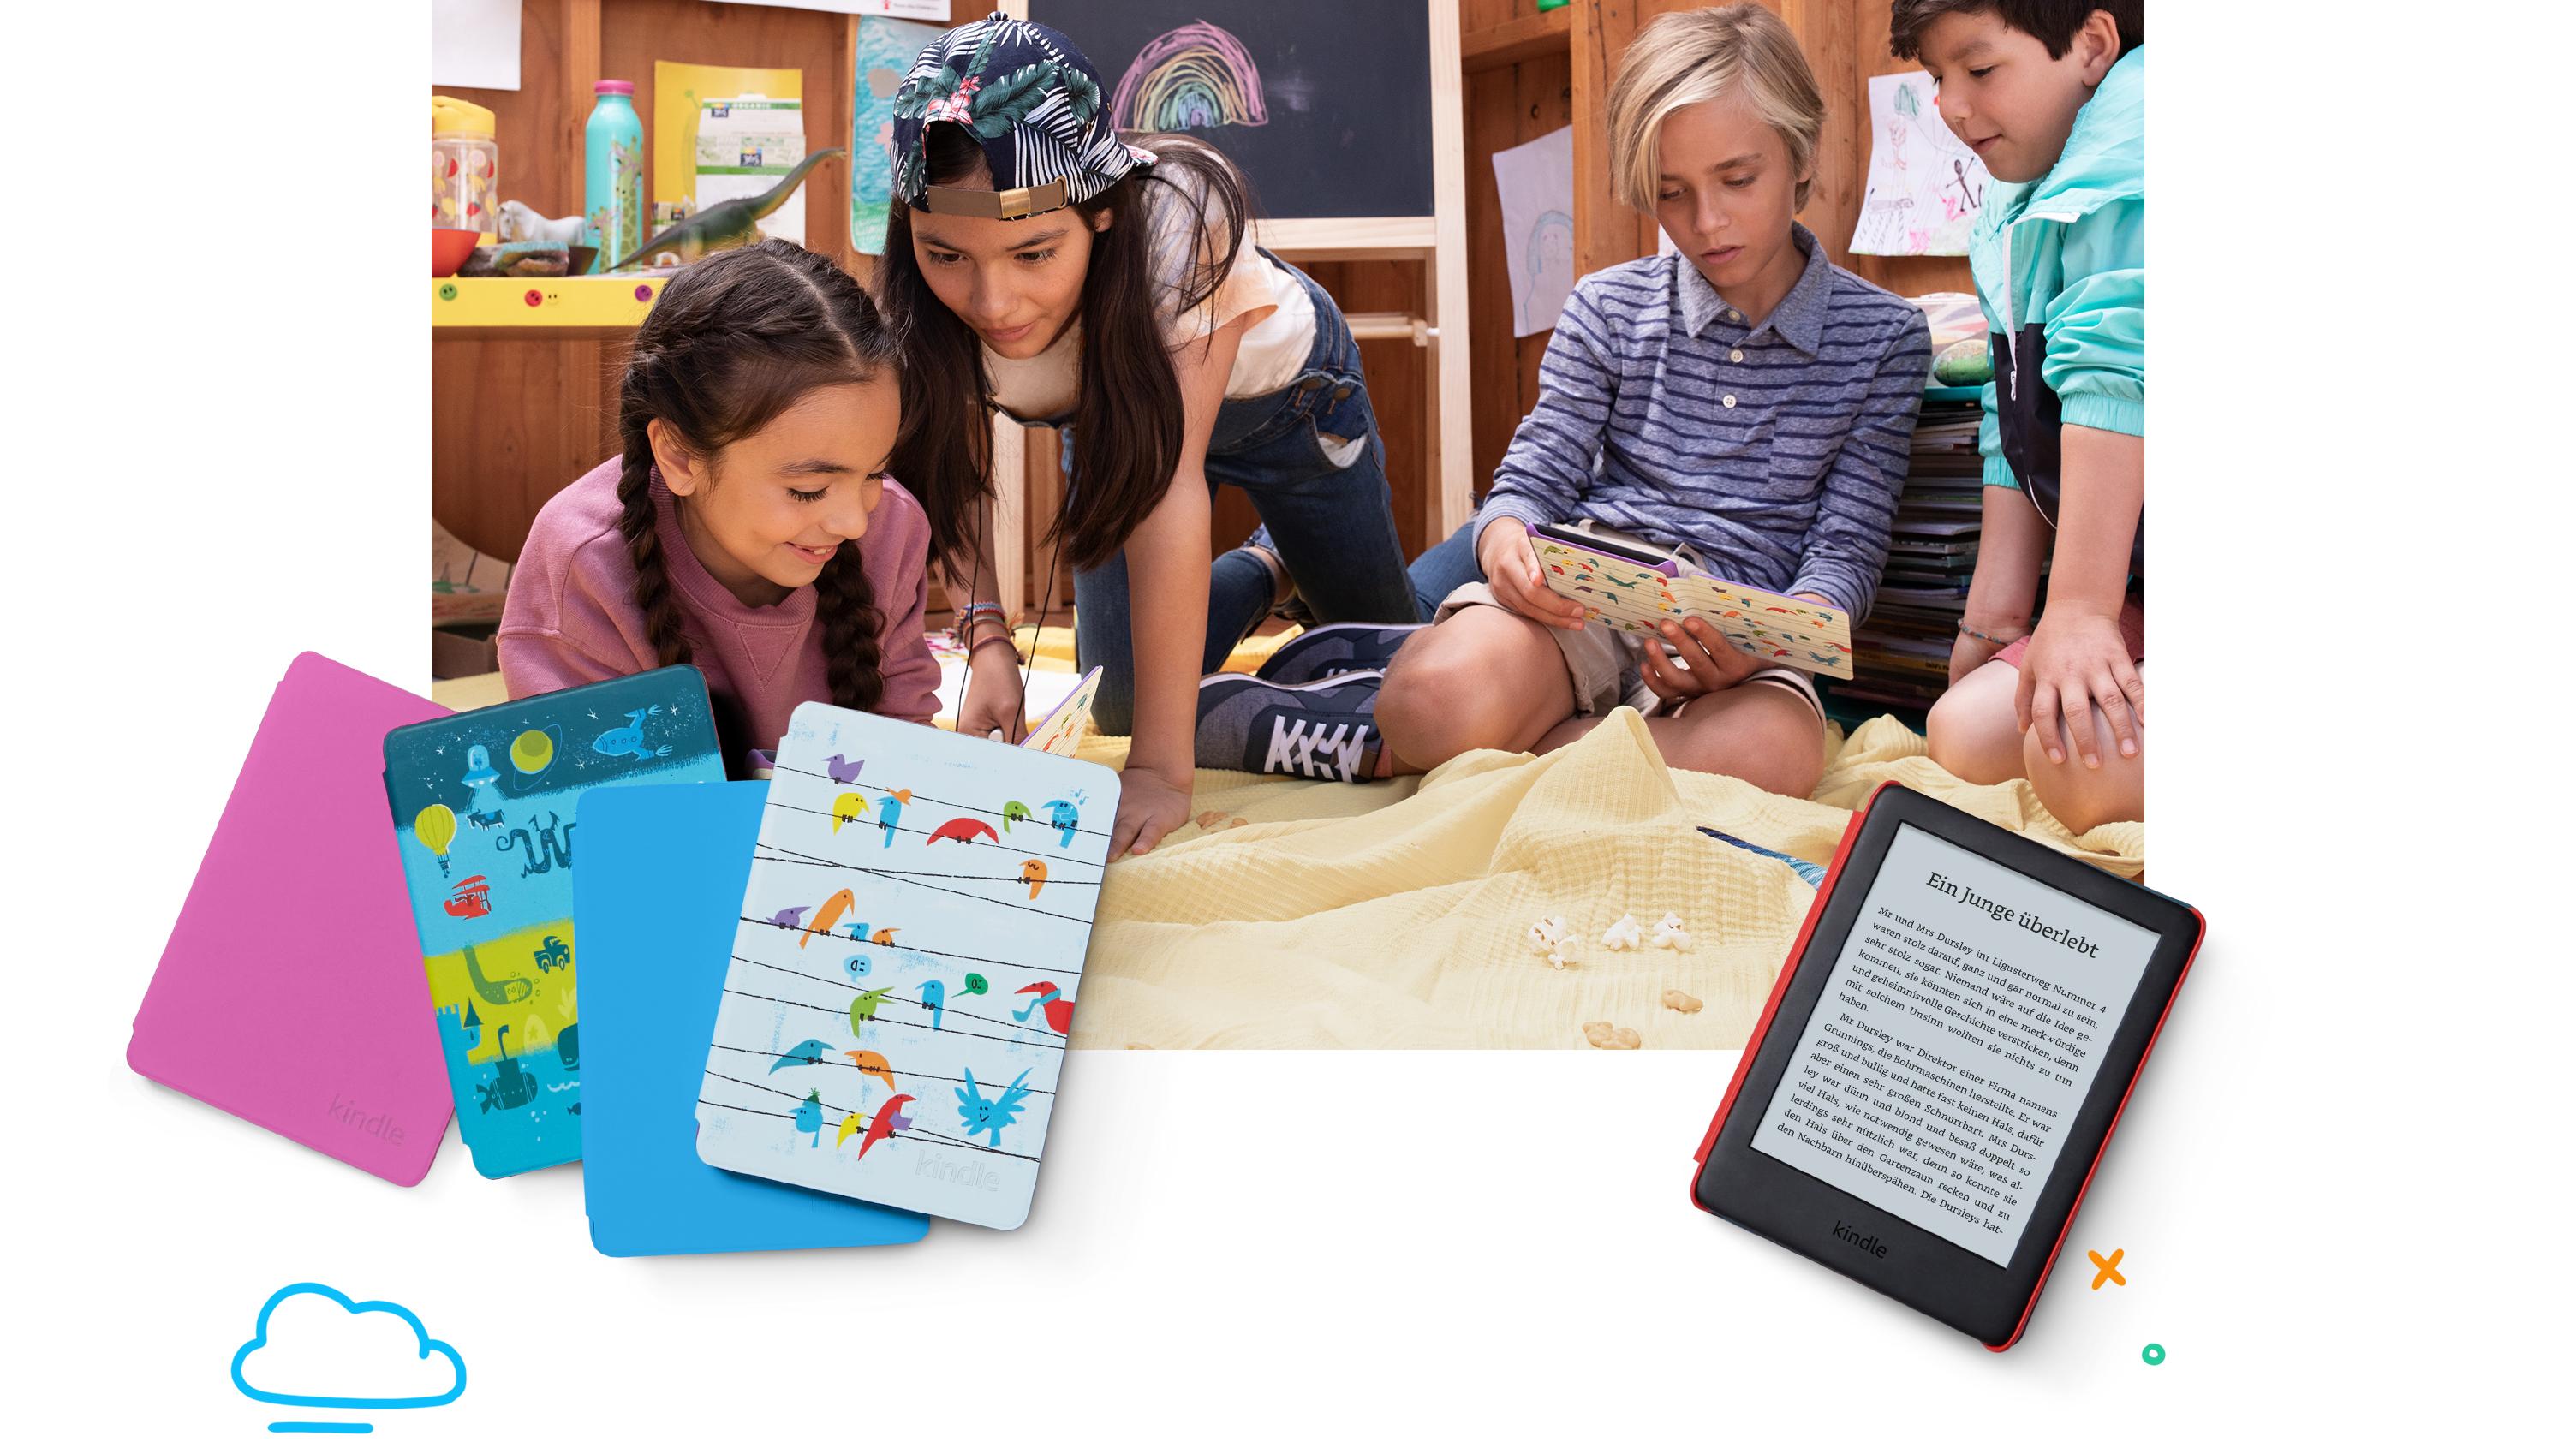 Kindle Kids Edition Mit Zugriff Auf Mehr Als Tausend Bücher Blaue Hülle Amazon Devices